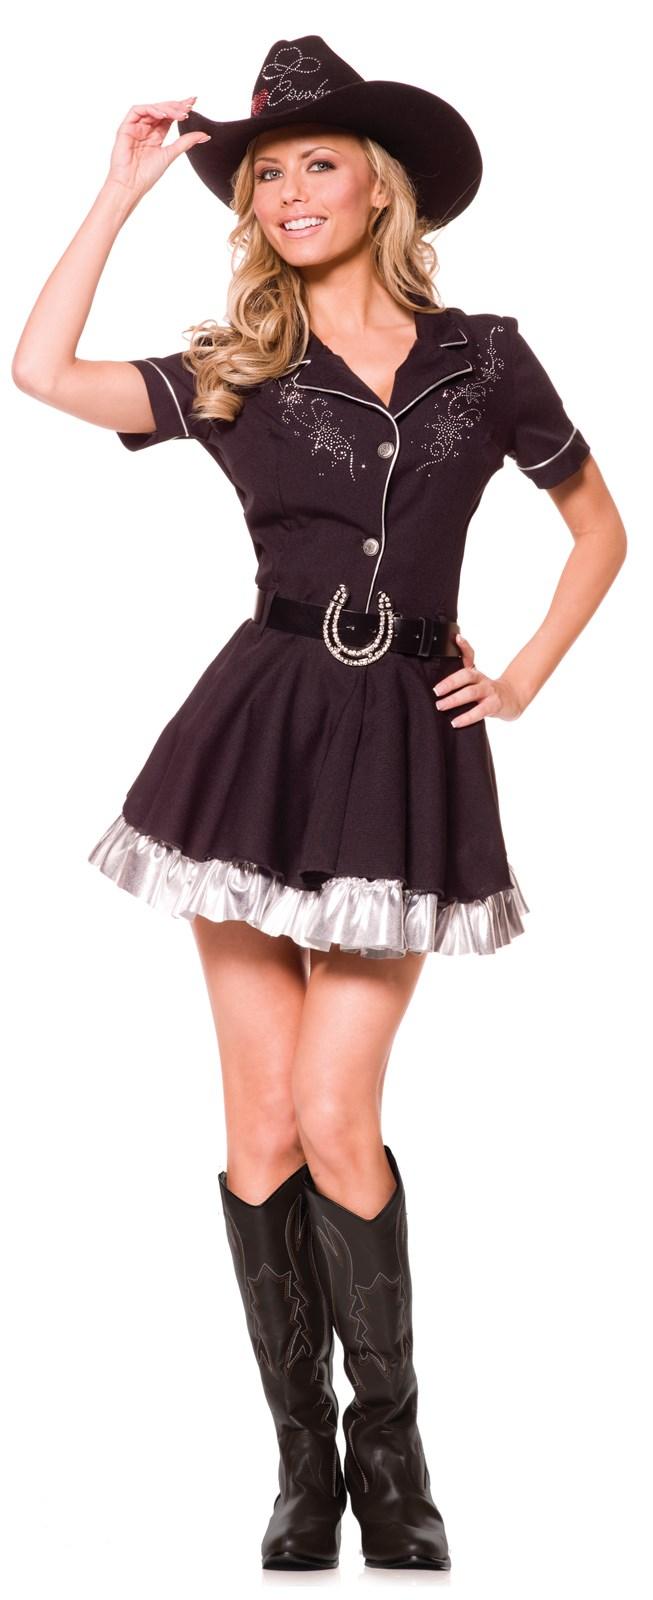 Rhinestone Adult Cowgirl Costume